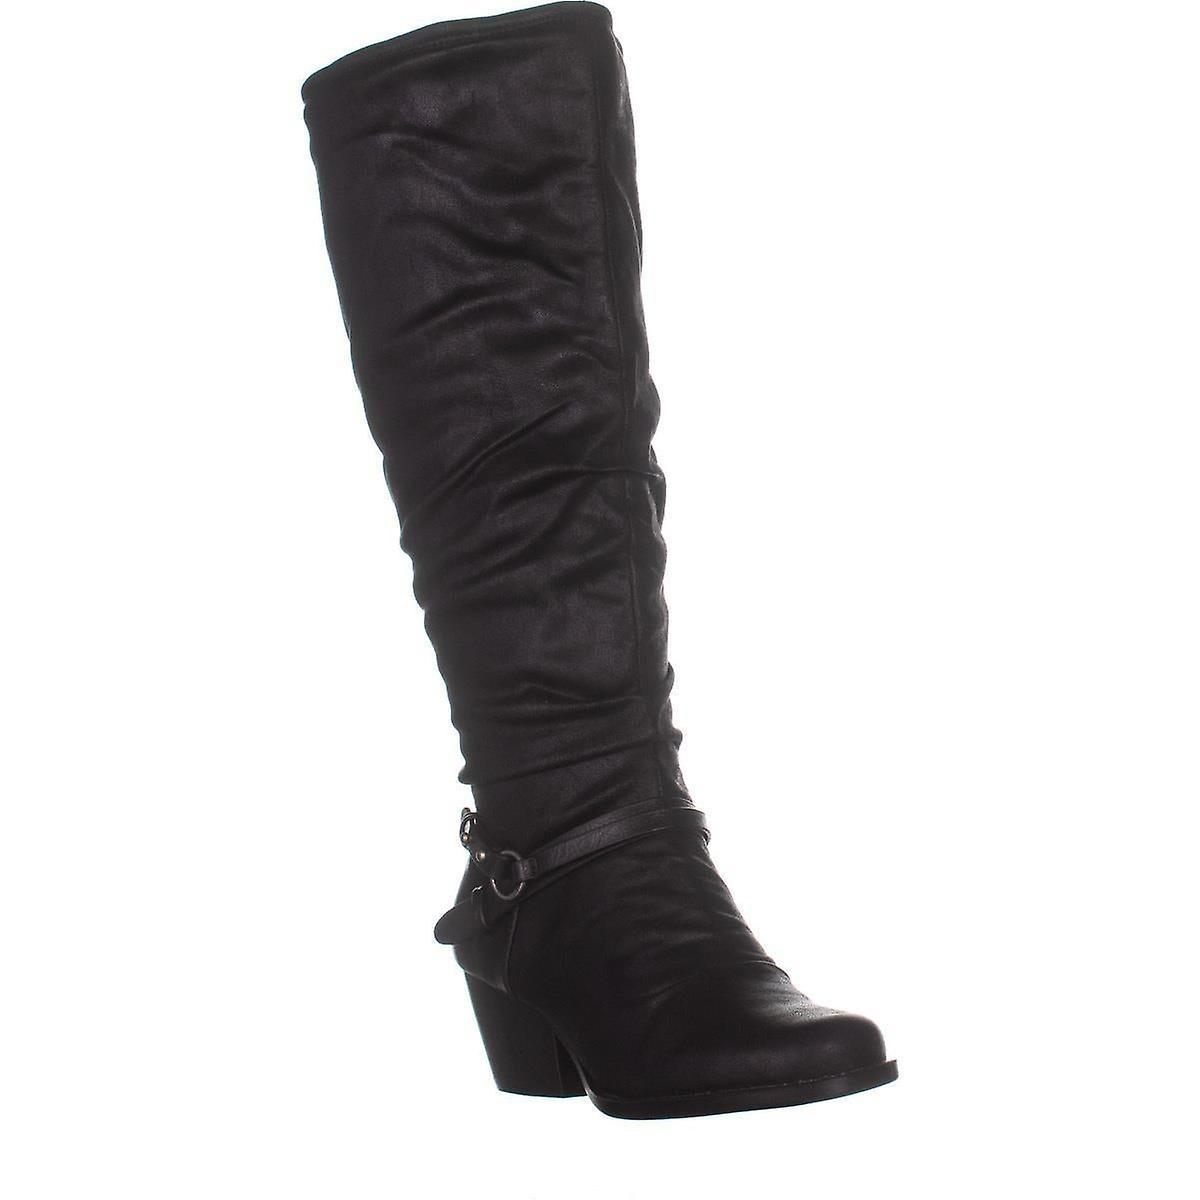 Nagie pułapki Damskie Roz2 Fabric Zamknięte toe Knee High Fashion Boots 7UWun